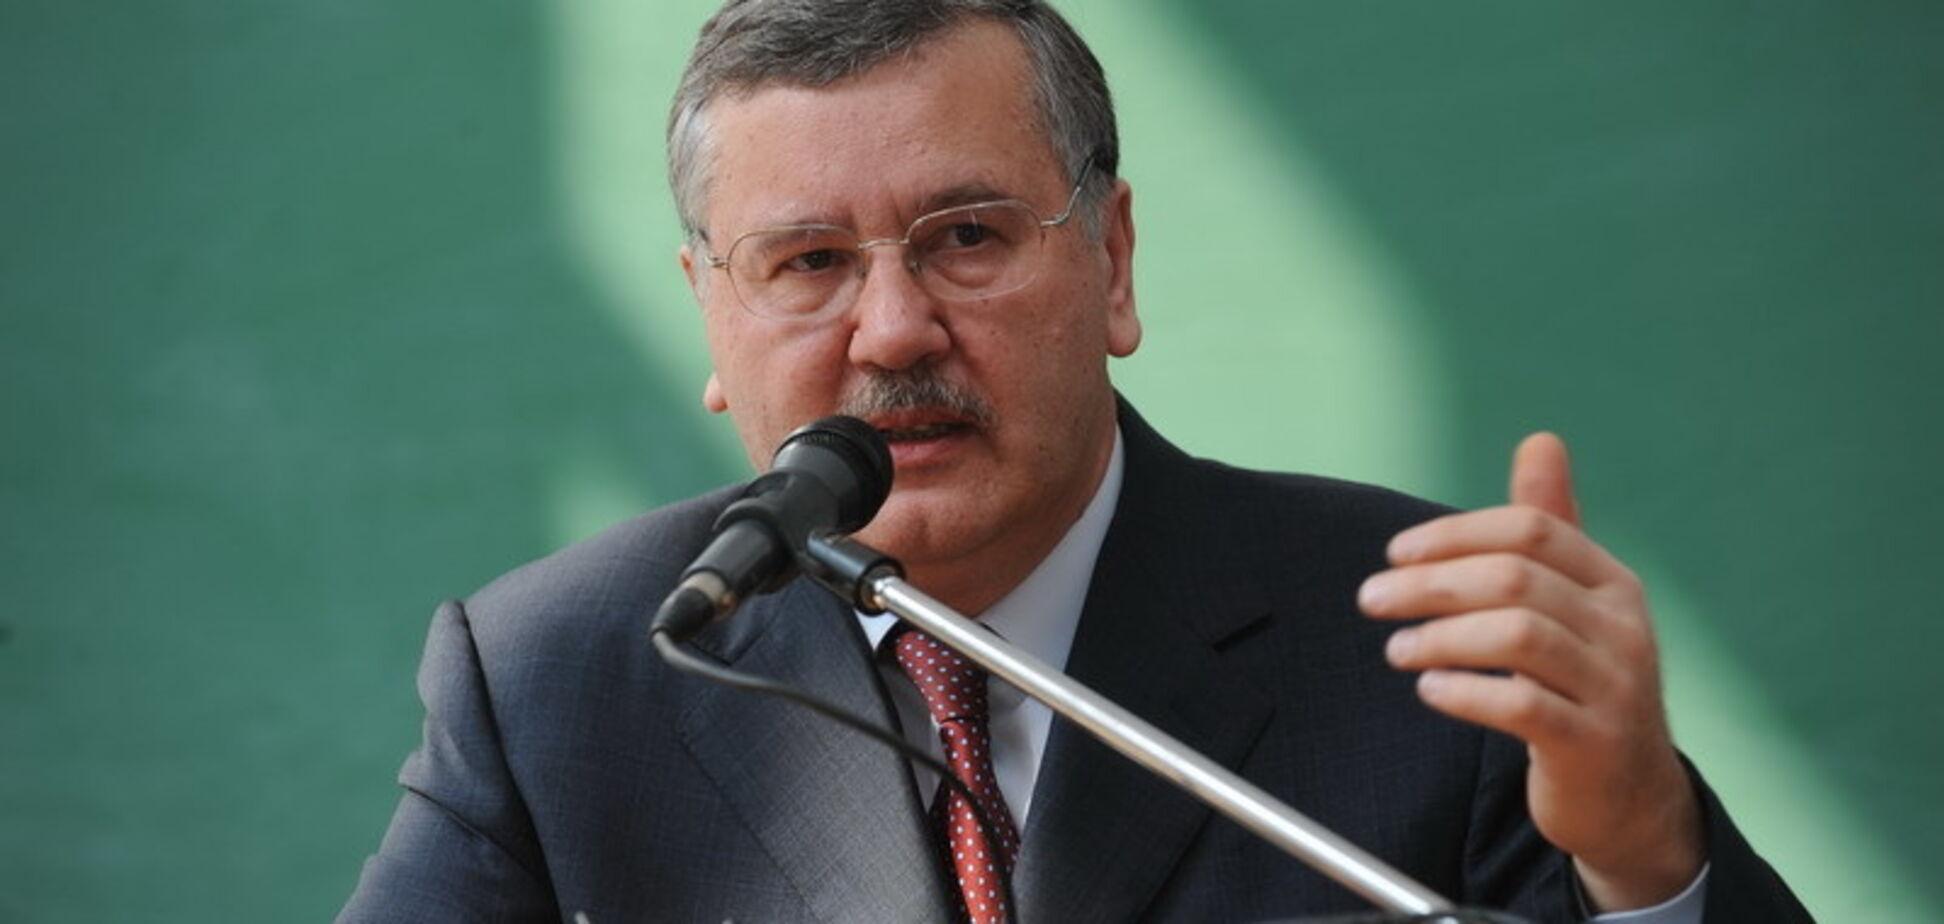 'Є добра новина': Гриценко дав прогноз щодо повернення Донбасу